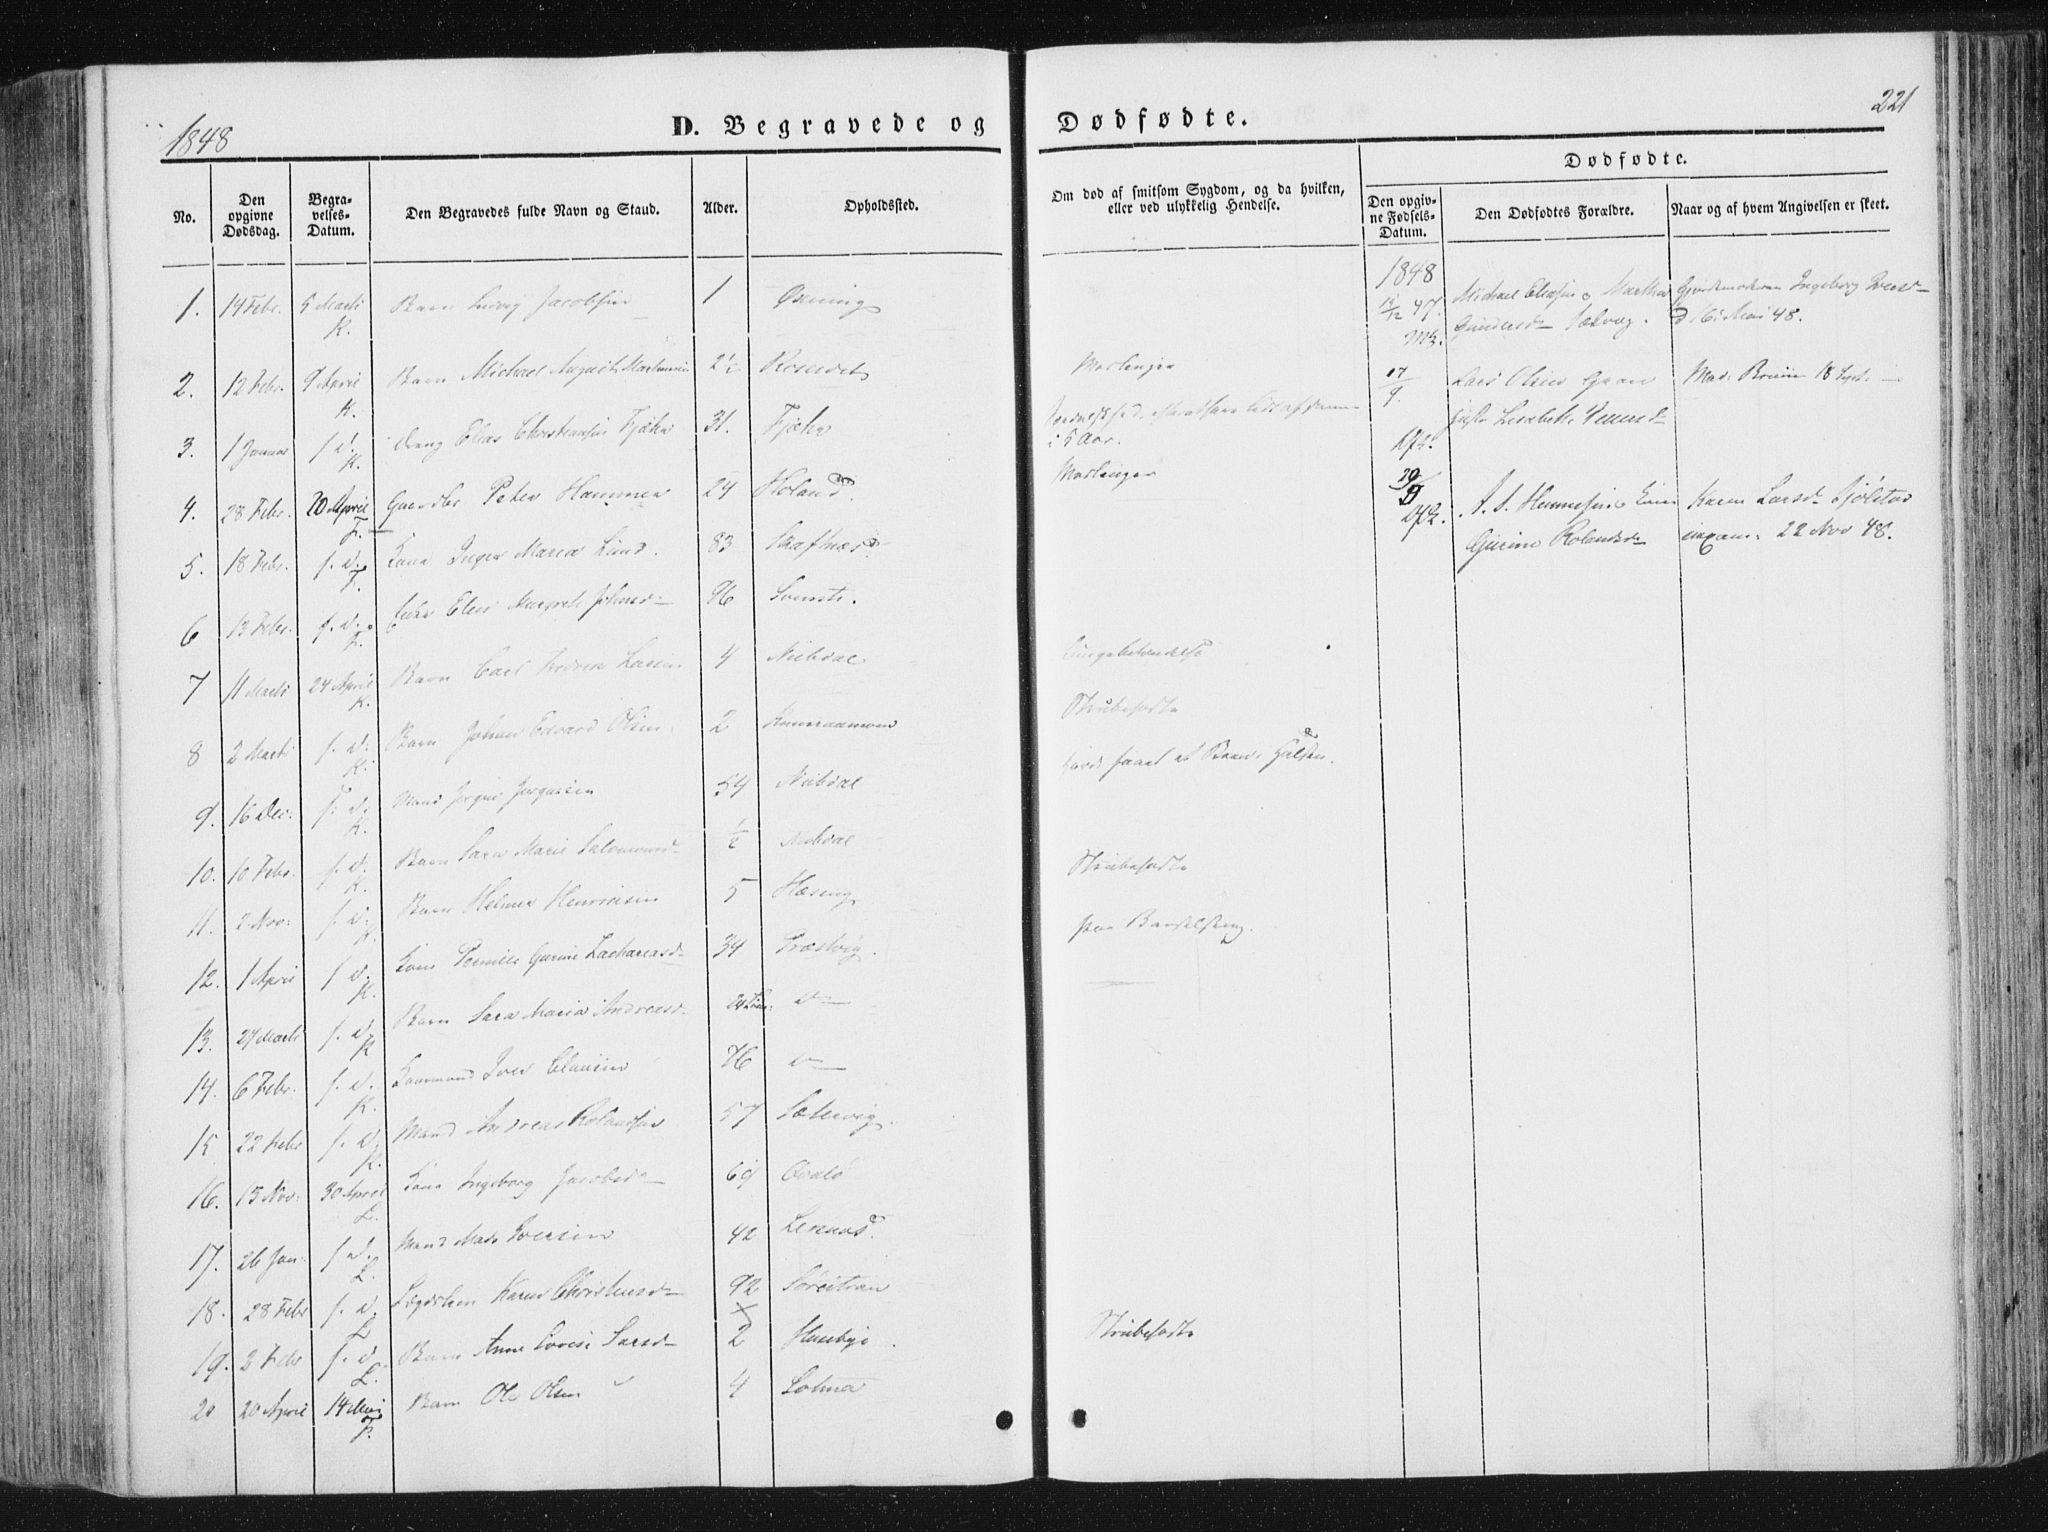 SAT, Ministerialprotokoller, klokkerbøker og fødselsregistre - Nord-Trøndelag, 780/L0640: Ministerialbok nr. 780A05, 1845-1856, s. 221